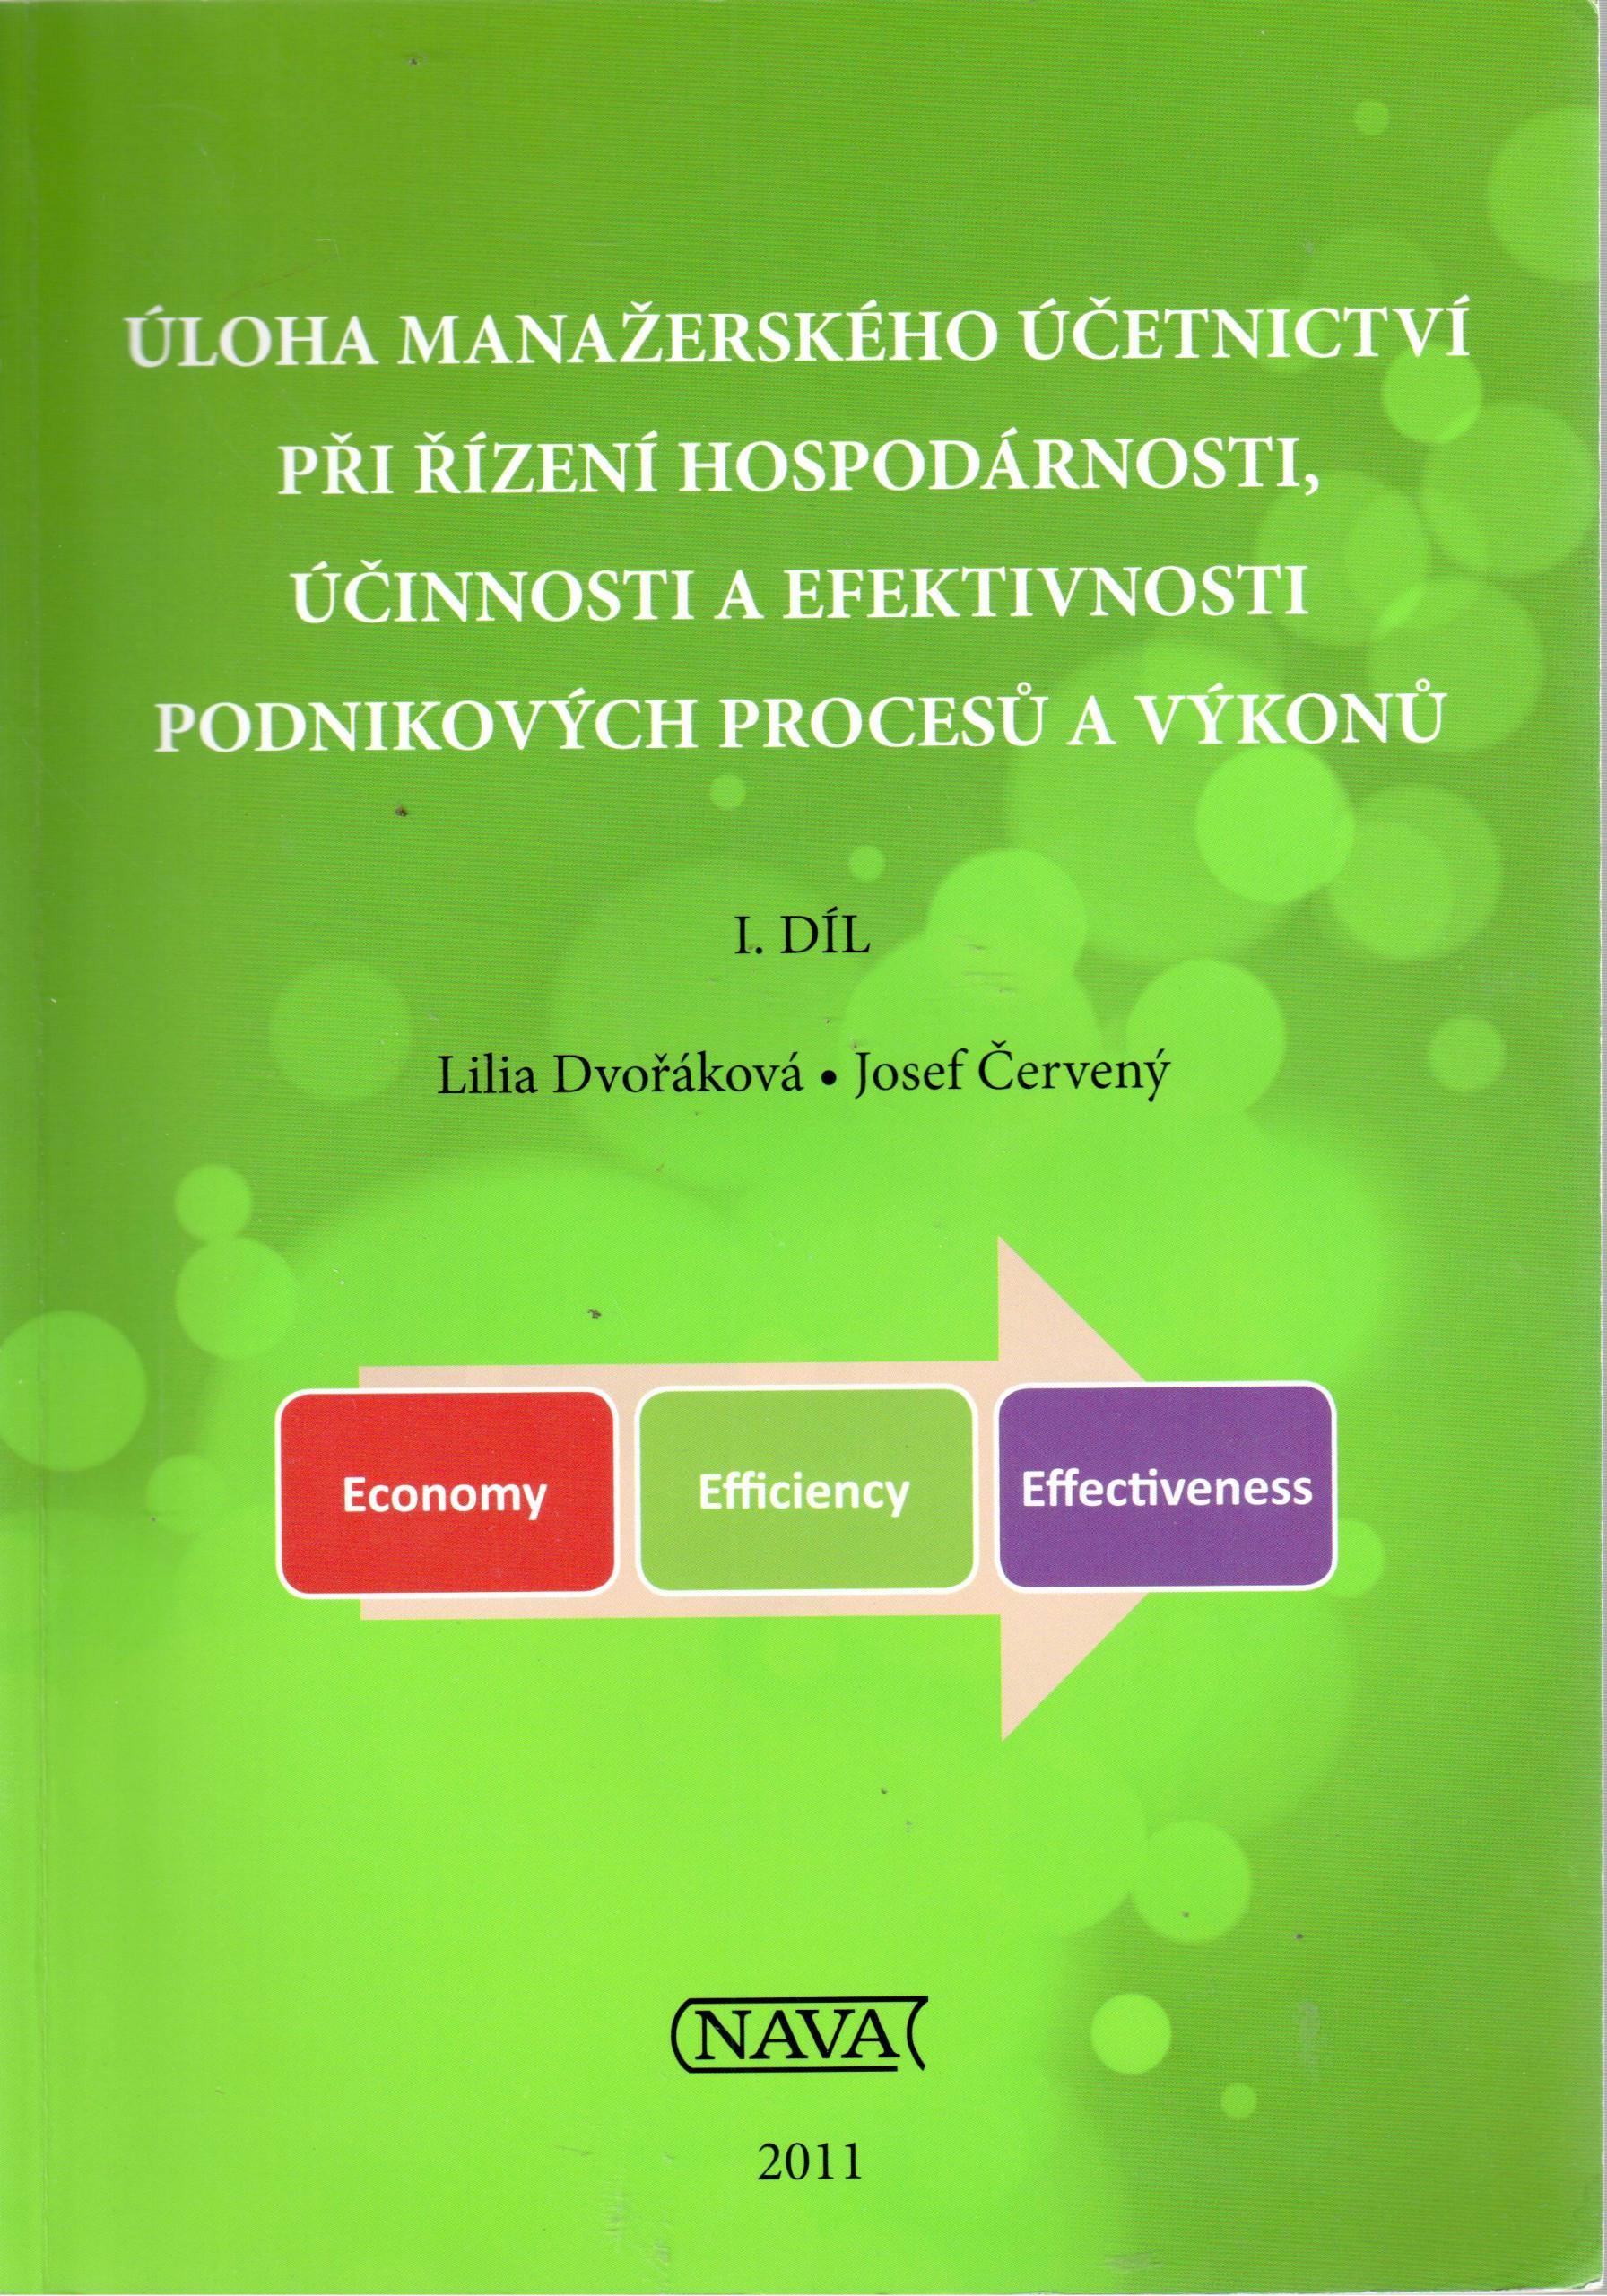 Úloha manažerského účetnictví při řízení hospodárnosti, účinnosti a efektivnosti podnikových procesů a výkonů 1. díl - Náhled učebnice